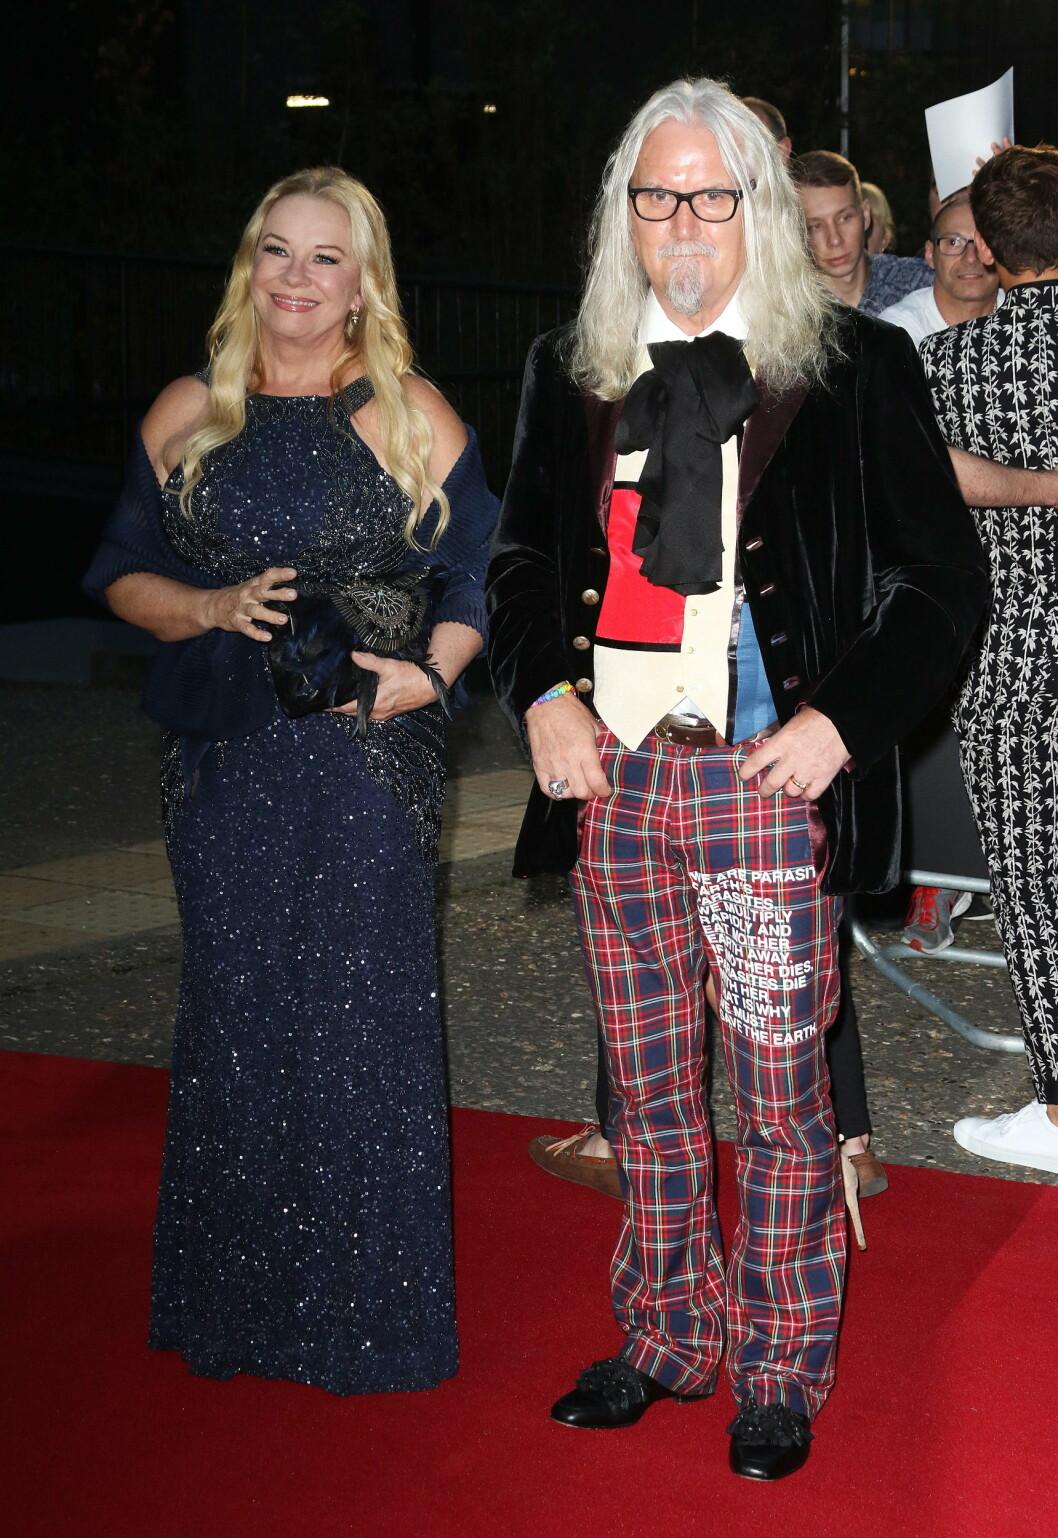 PRISVINNER: Den skotske komikeren Billy Connolly ble hedret med prisen for å være Årets inspirasjon.  Foto: Zuma Press